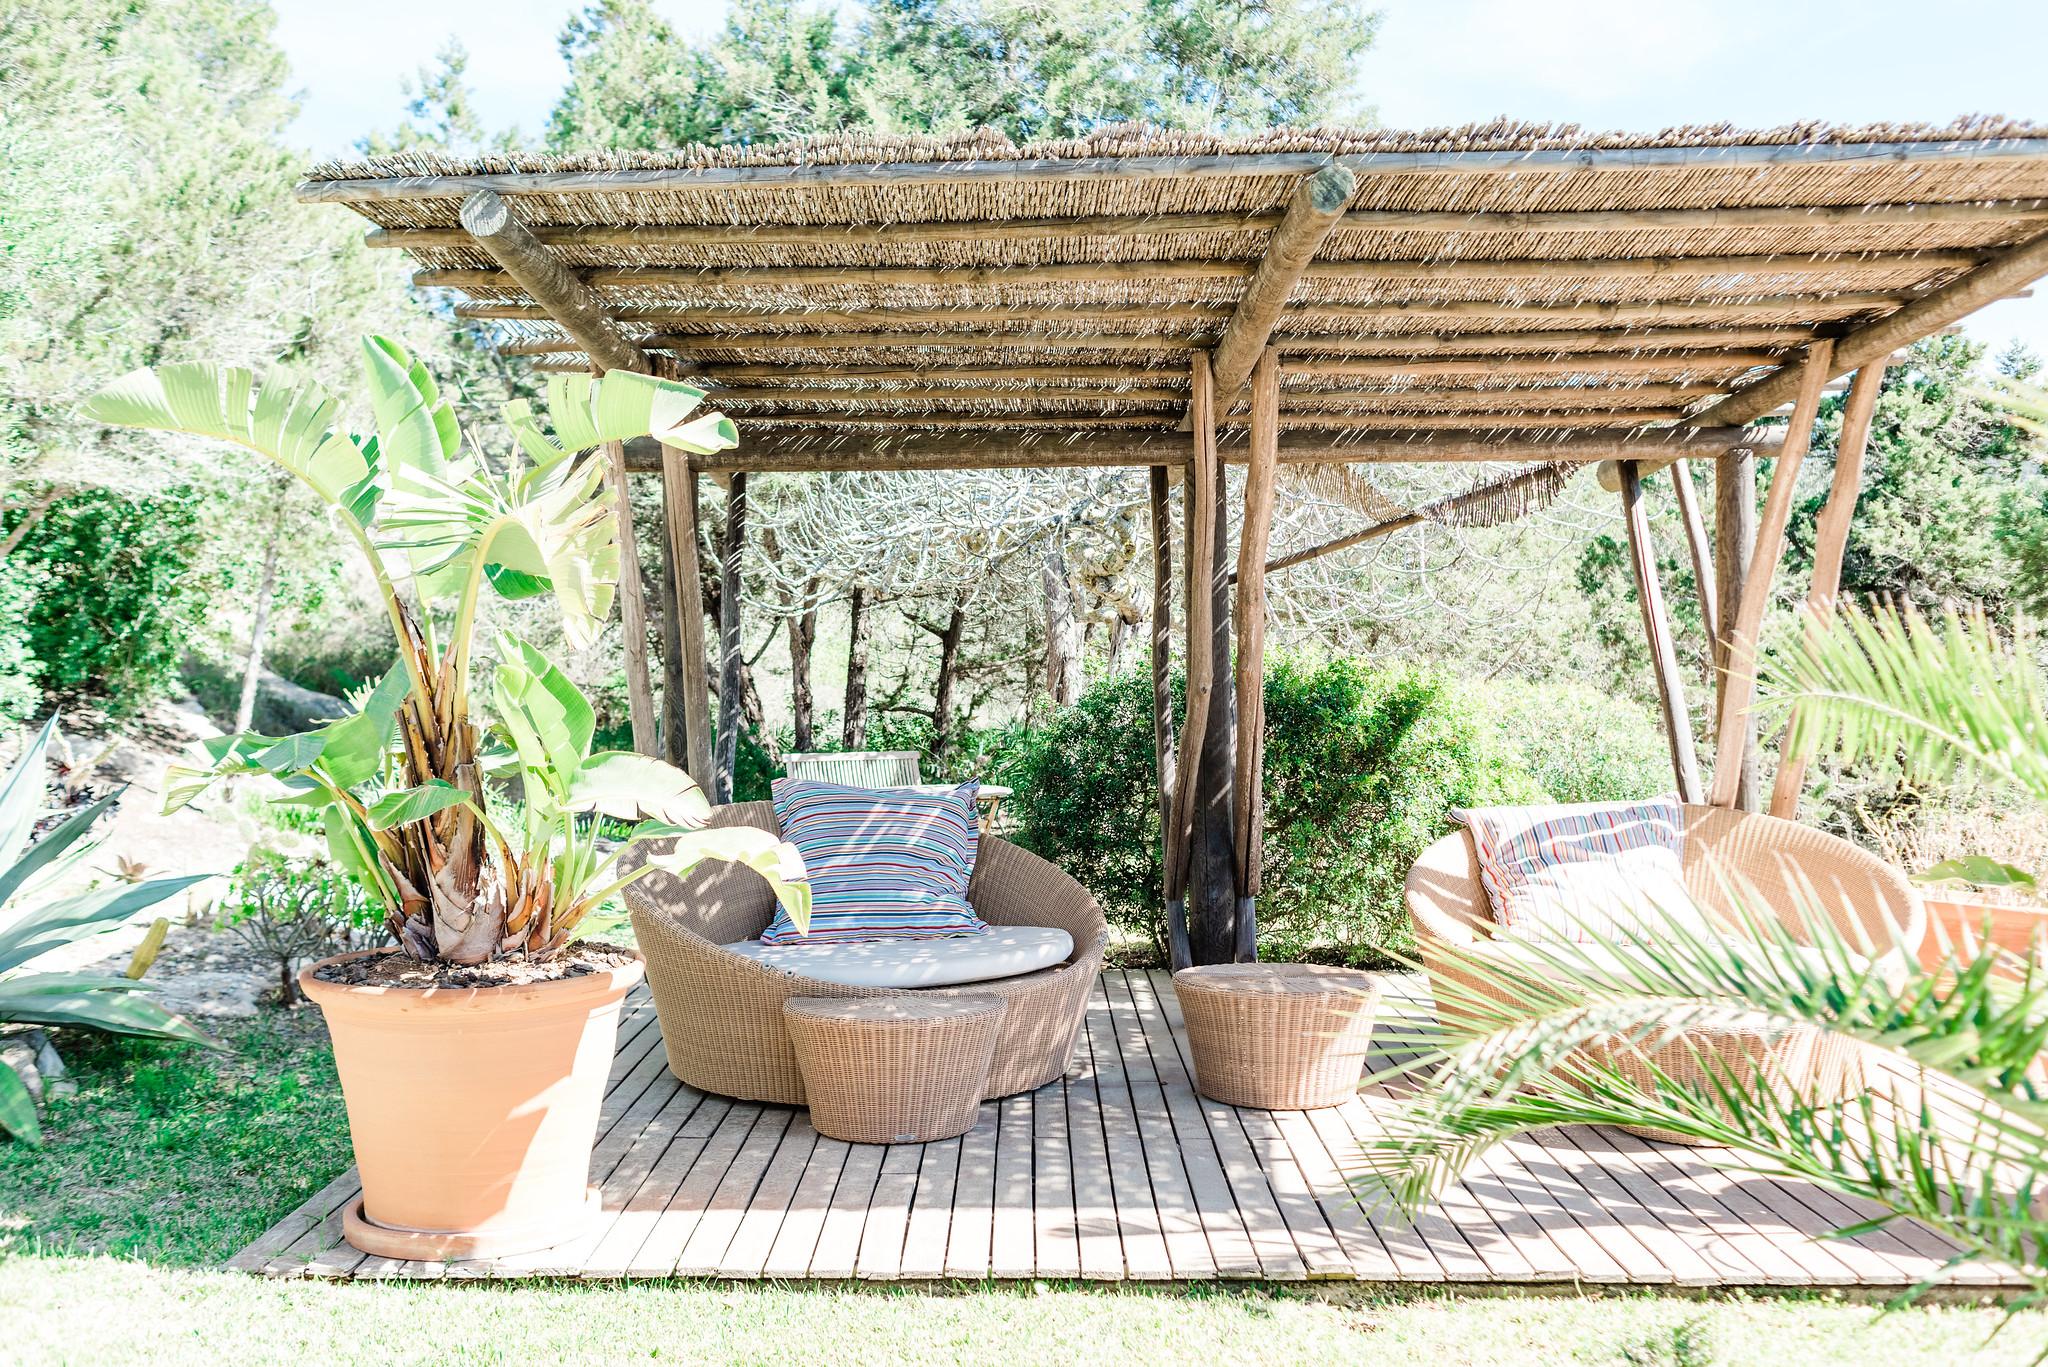 https://www.white-ibiza.com/wp-content/uploads/2020/06/white-ibiza-villas-villa-andrea-exterior-chillout.jpg